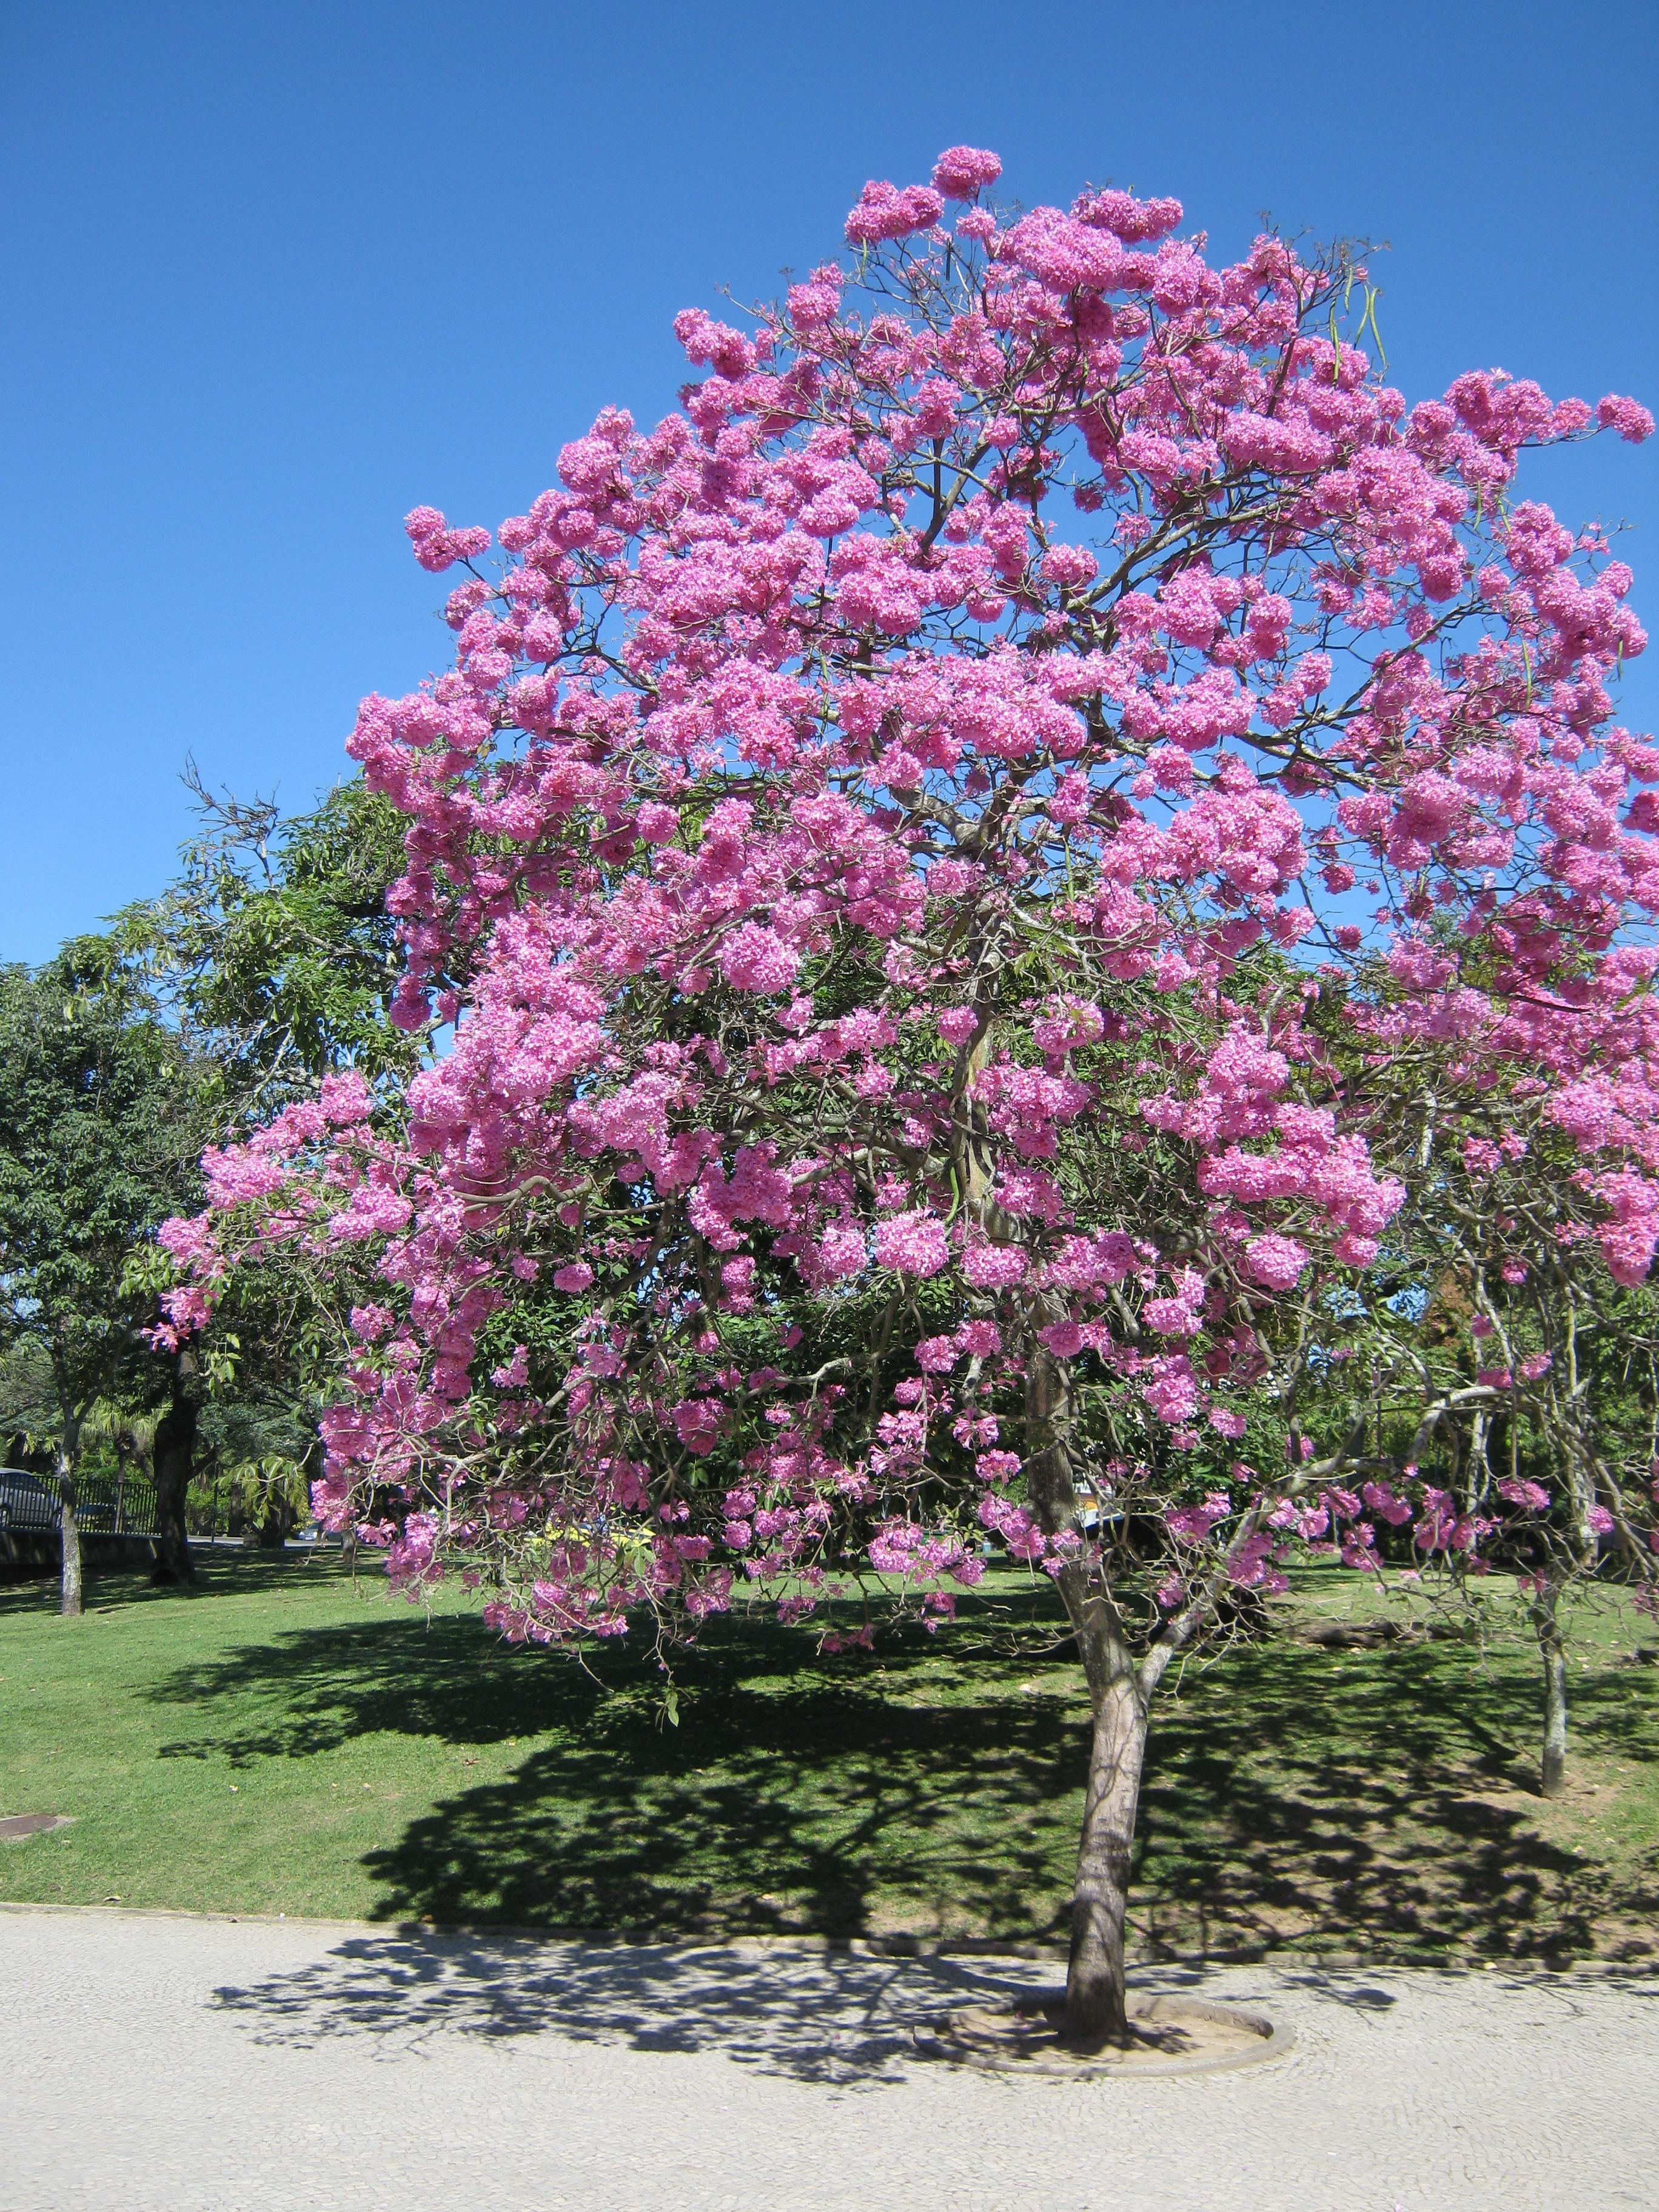 jardim ipe mandaguacu : Jardim Ipe Related Keywords & Suggestions - Jardim Ipe ...